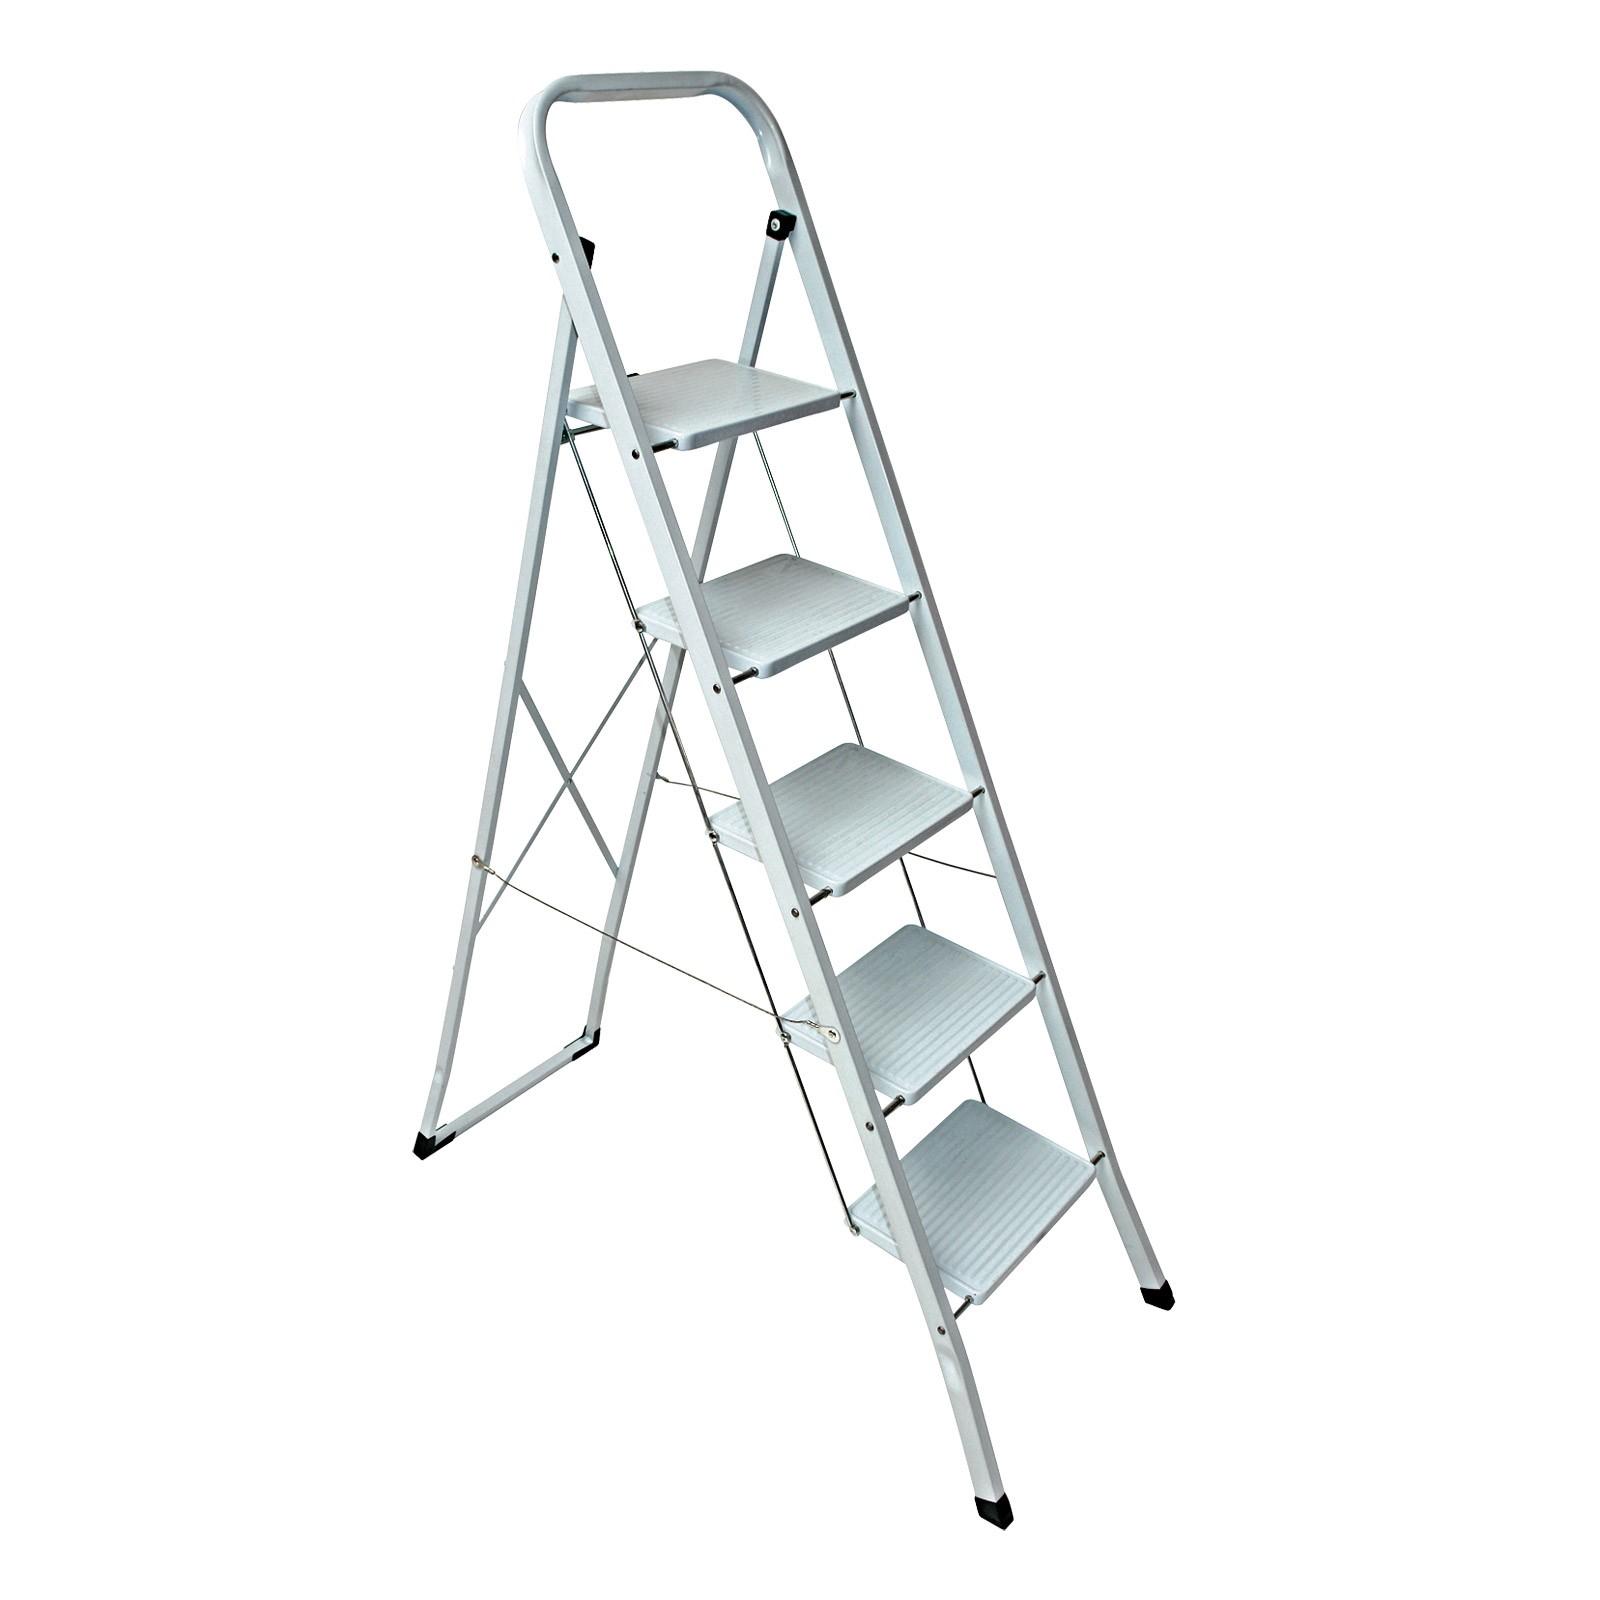 stahl haushaltsleiter klapptritt stehleiter 2 3 4 5 stufen leiter auswahl ebay. Black Bedroom Furniture Sets. Home Design Ideas